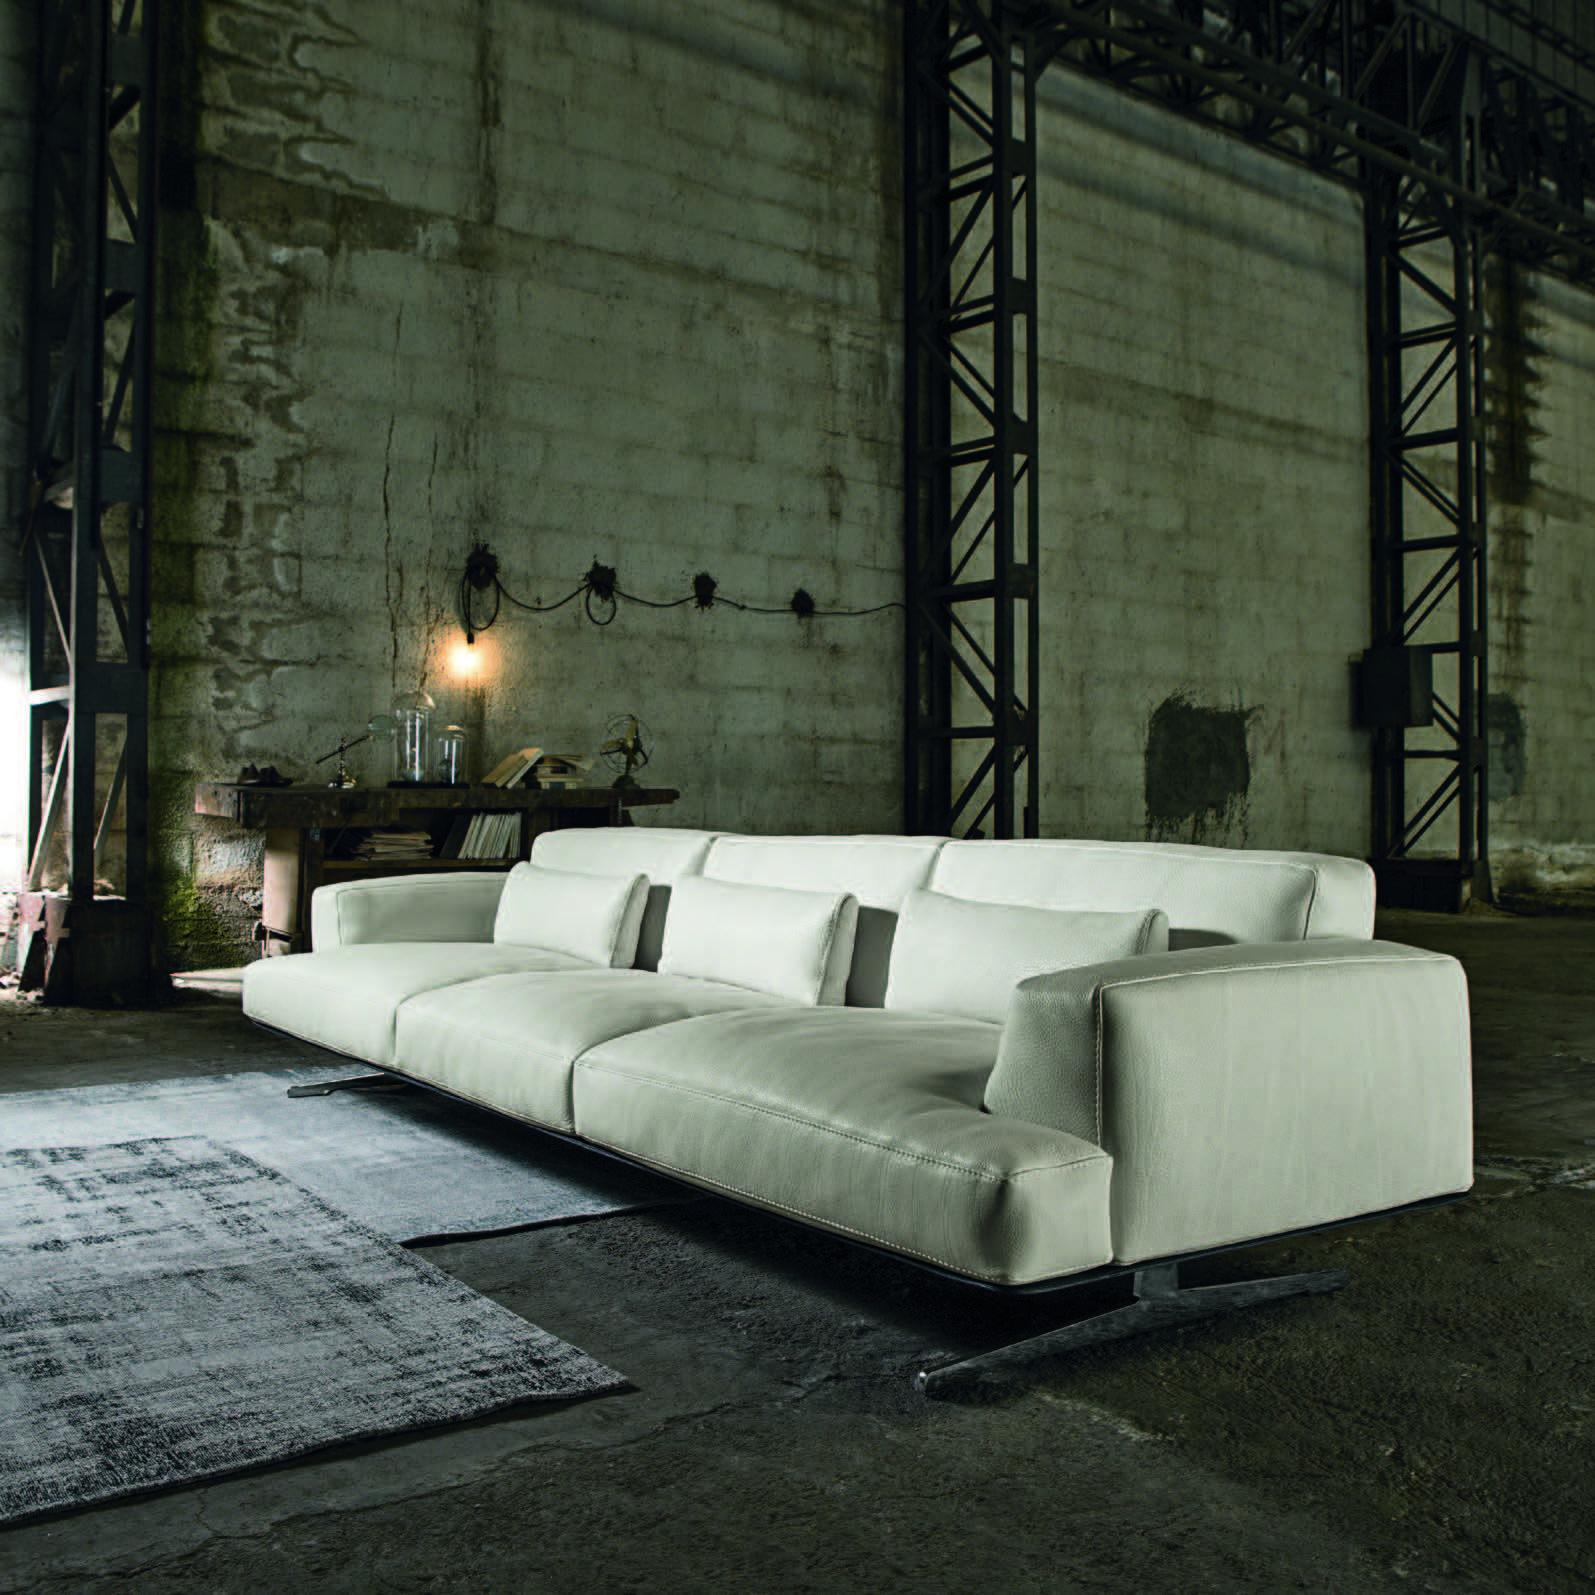 Модульный диван Albachiara | Диван из ткани, Угловой диван ...